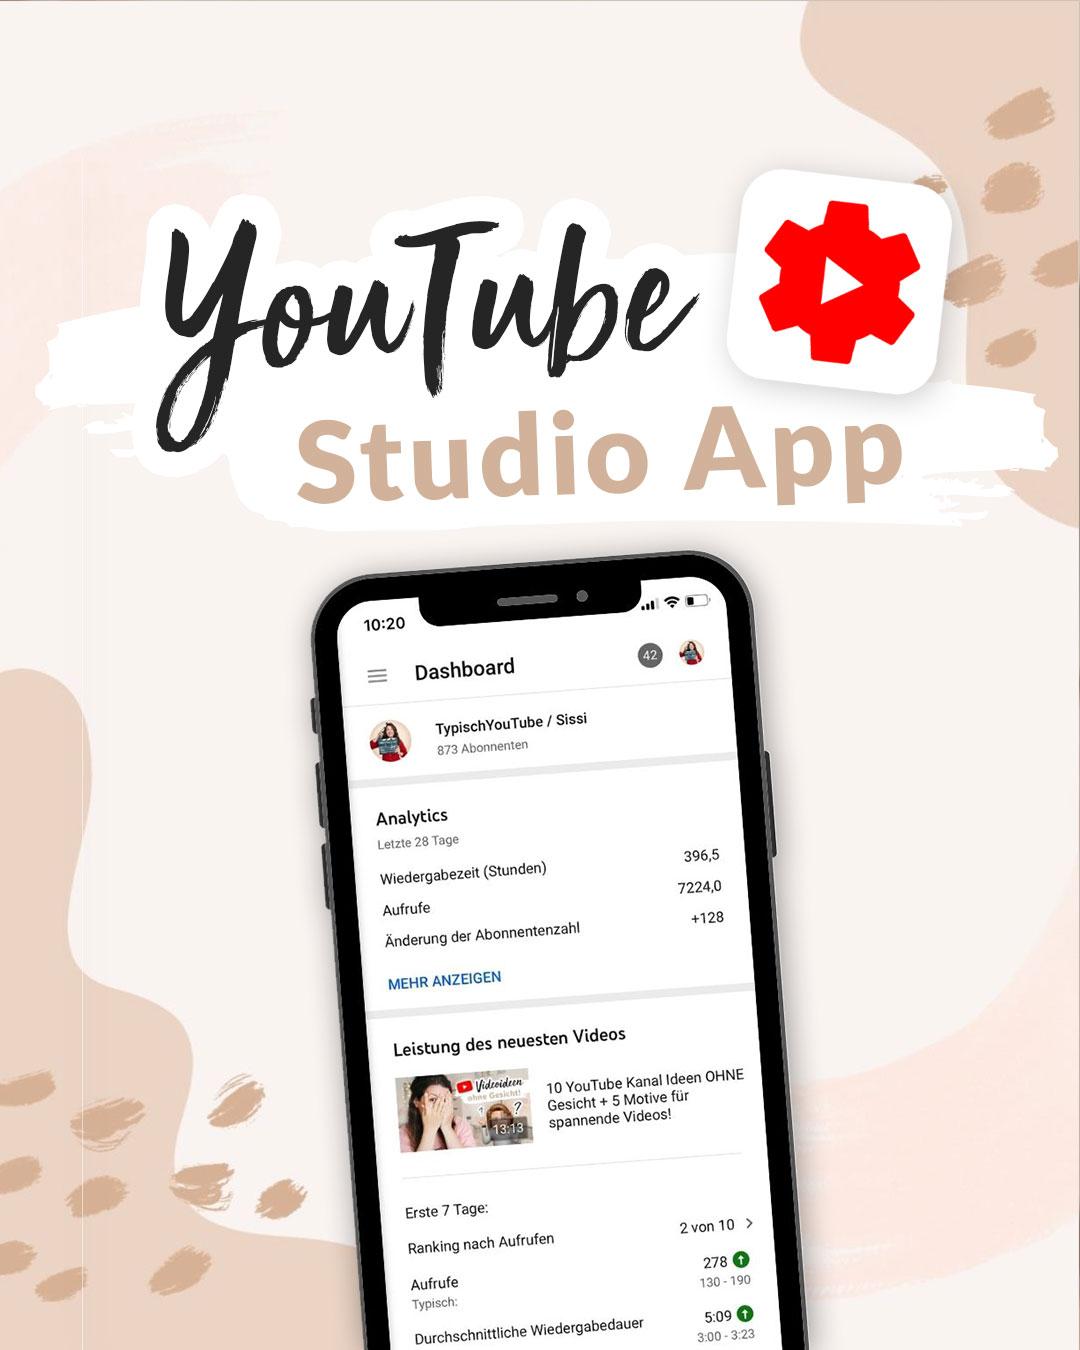 YouTube Studio app